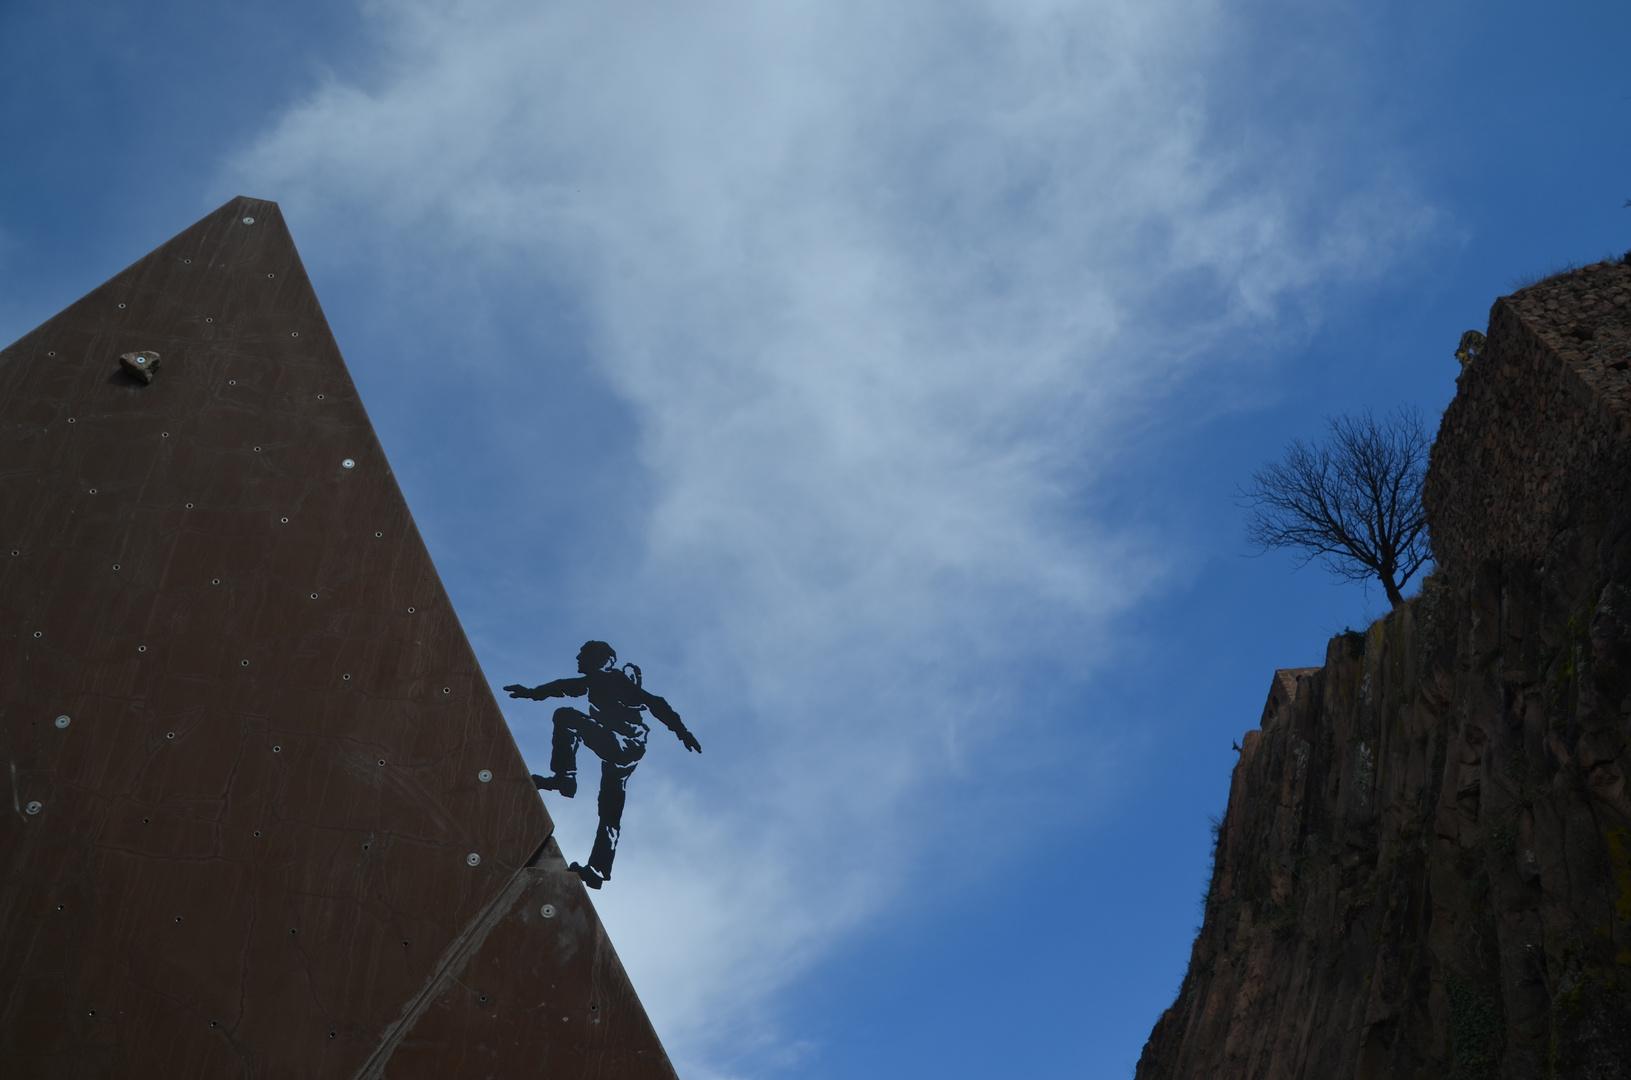 Ein Kletterer am Weg in den Himmel ;-)